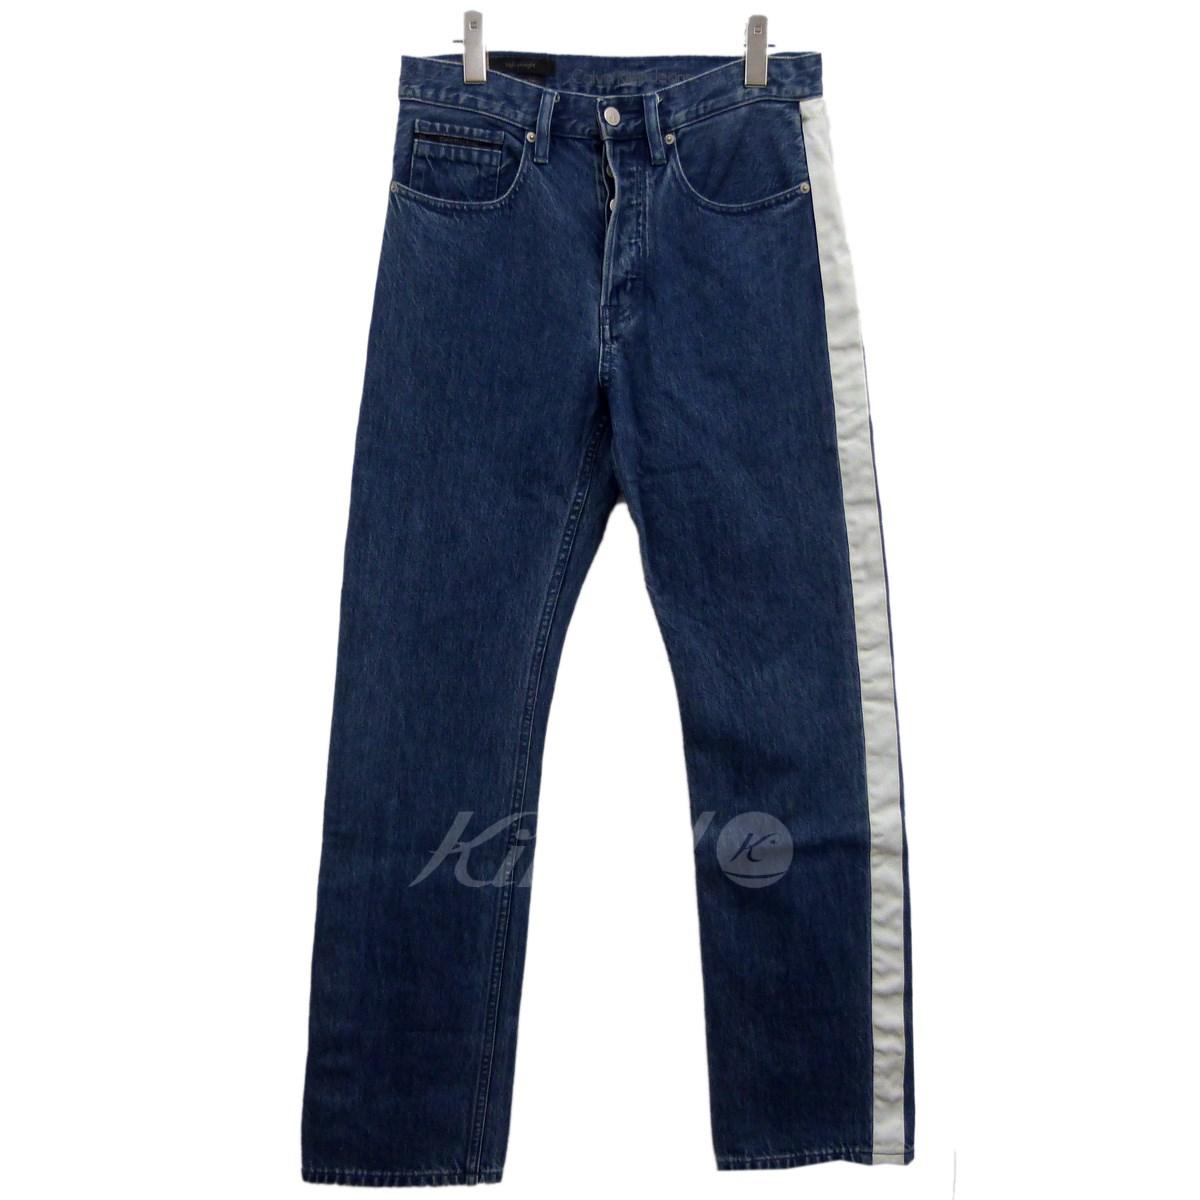 注目のブランド 【中古】Calvin Klein サイズ:W28/L32 Jeans 18SS「high Jeans straight」ライトデニムパンツ インディゴ Klein サイズ:W28/L32【送料無料】【040818】(カルバンクラインジーンズ), シーボディオフィシャル:d6fbaecc --- gipsari.com